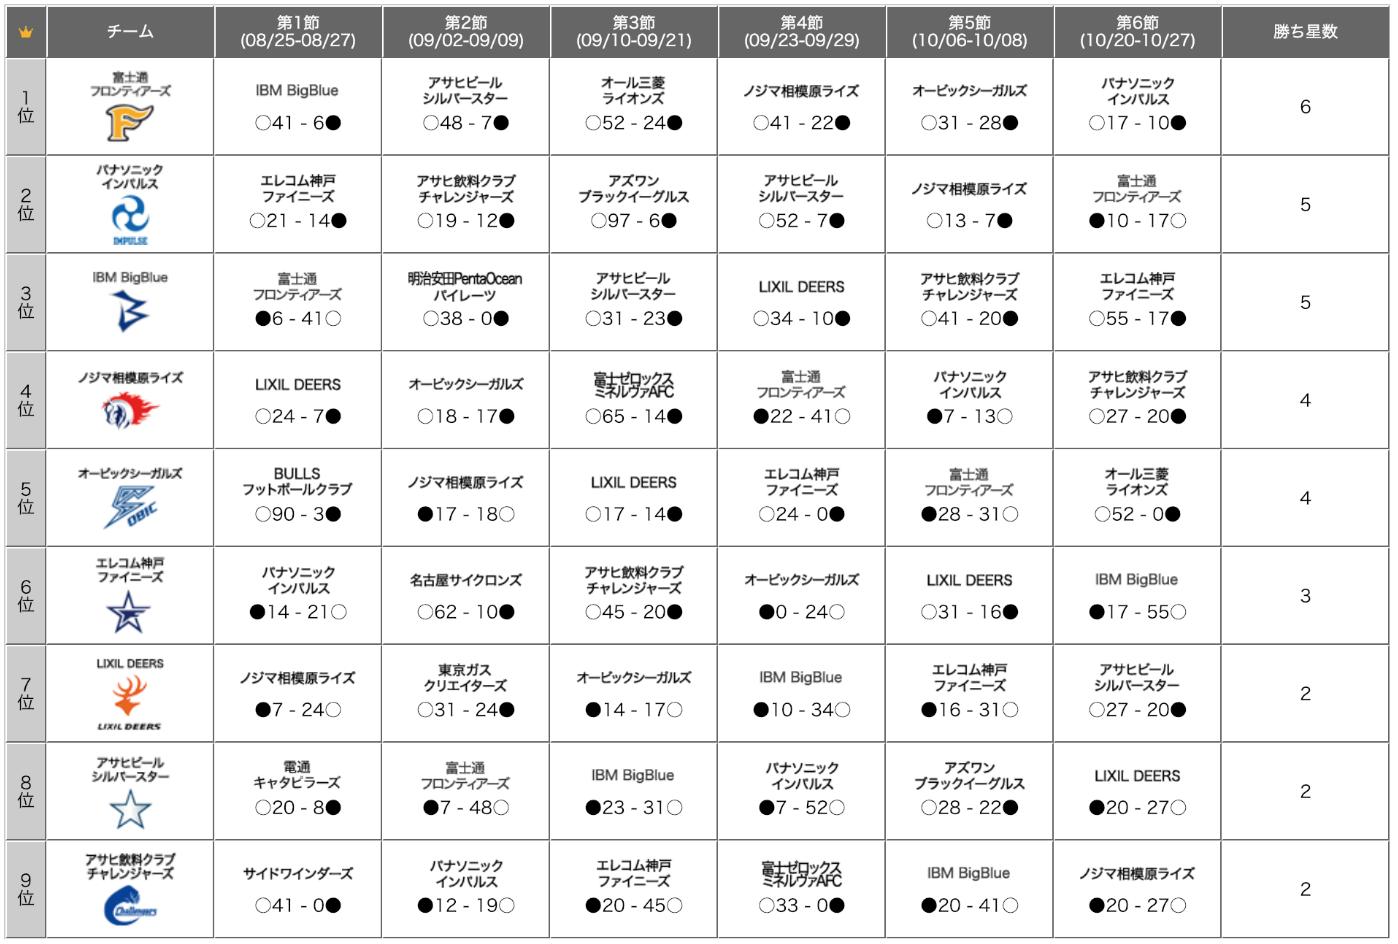 2018年のランキング表